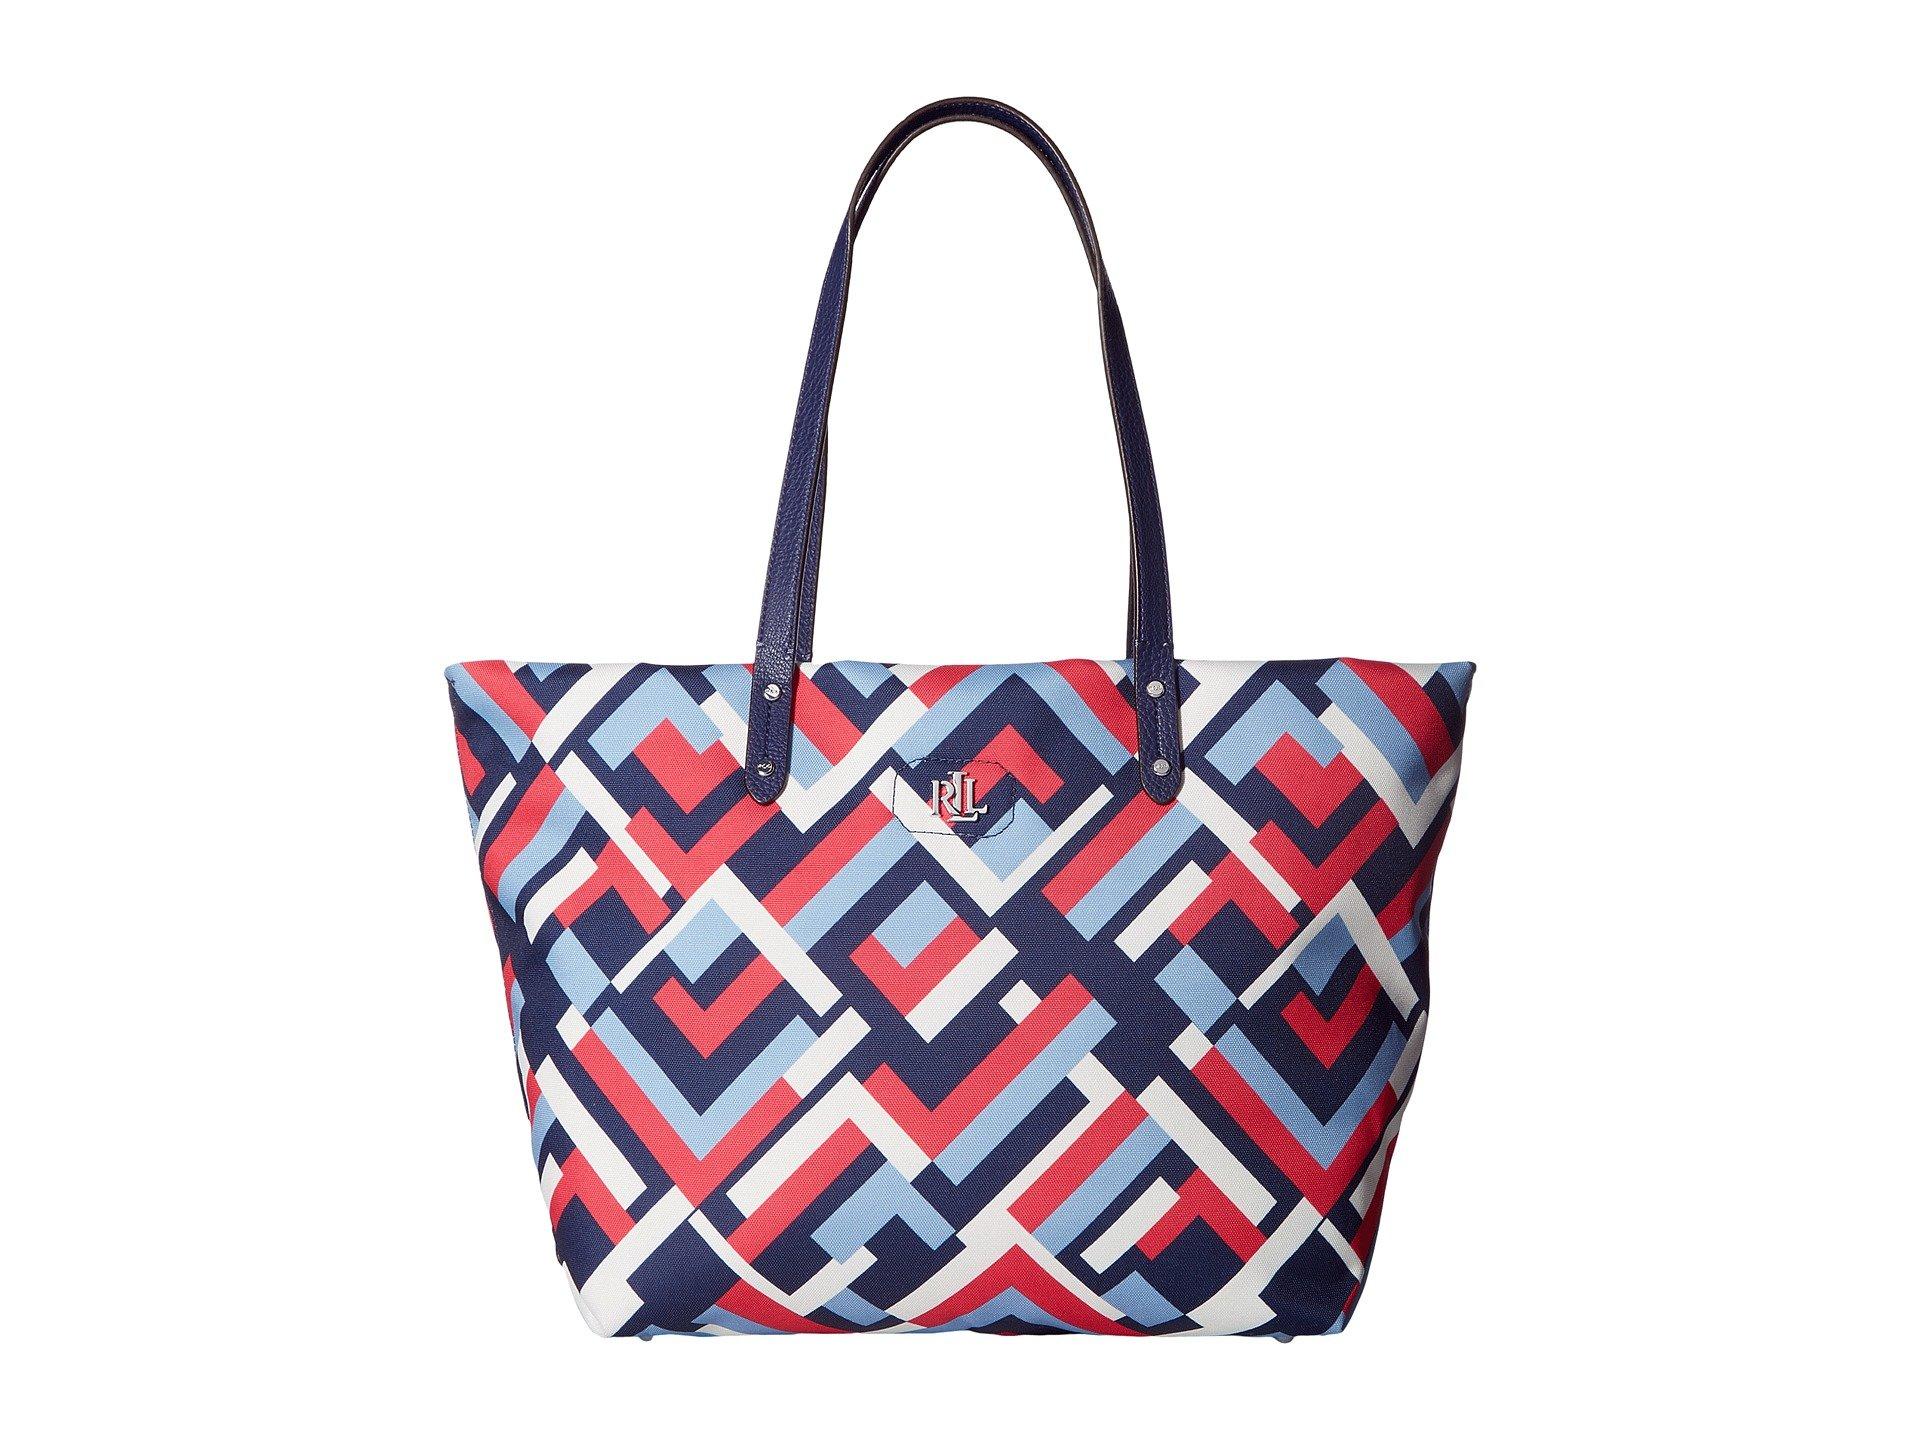 LAUREN Ralph Lauren Women's Bainbridge Tote Marine Multi Geo Handbag